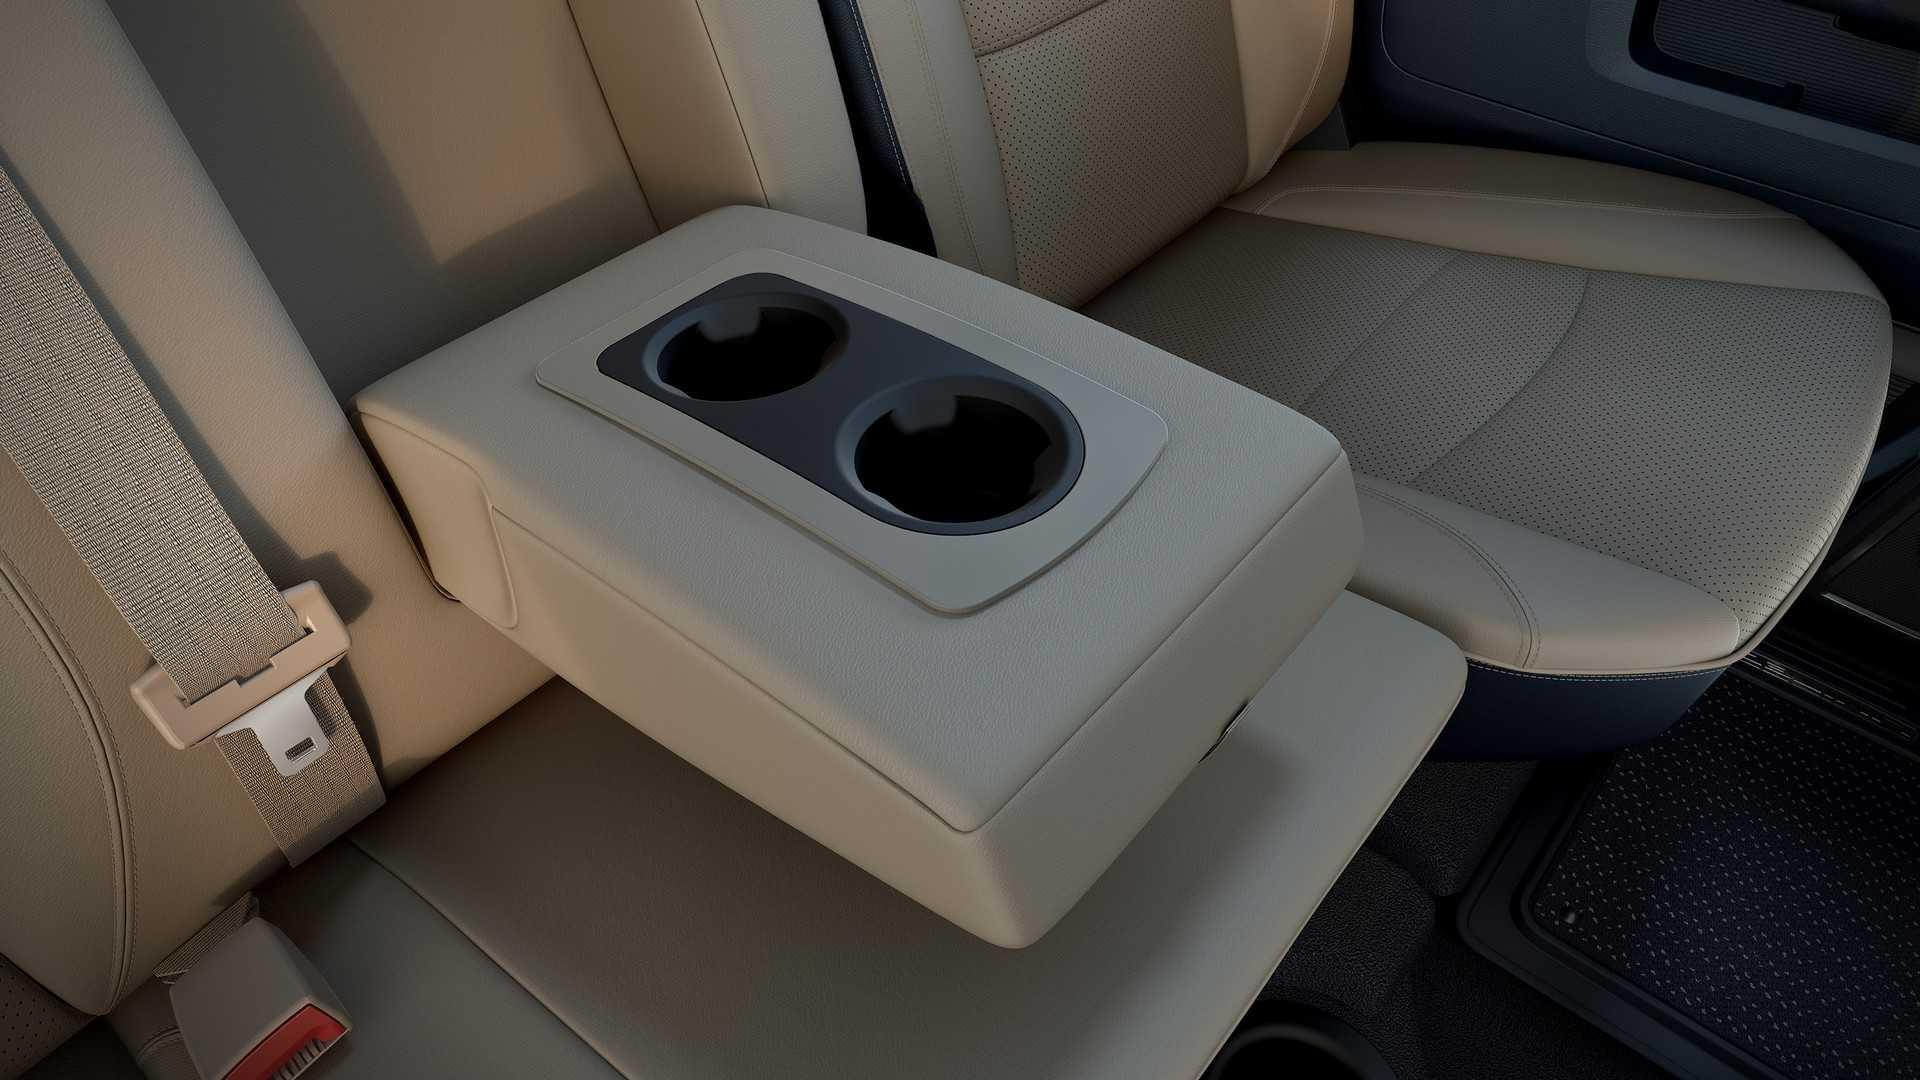 2019-ram-heavy-duty-interior (57)